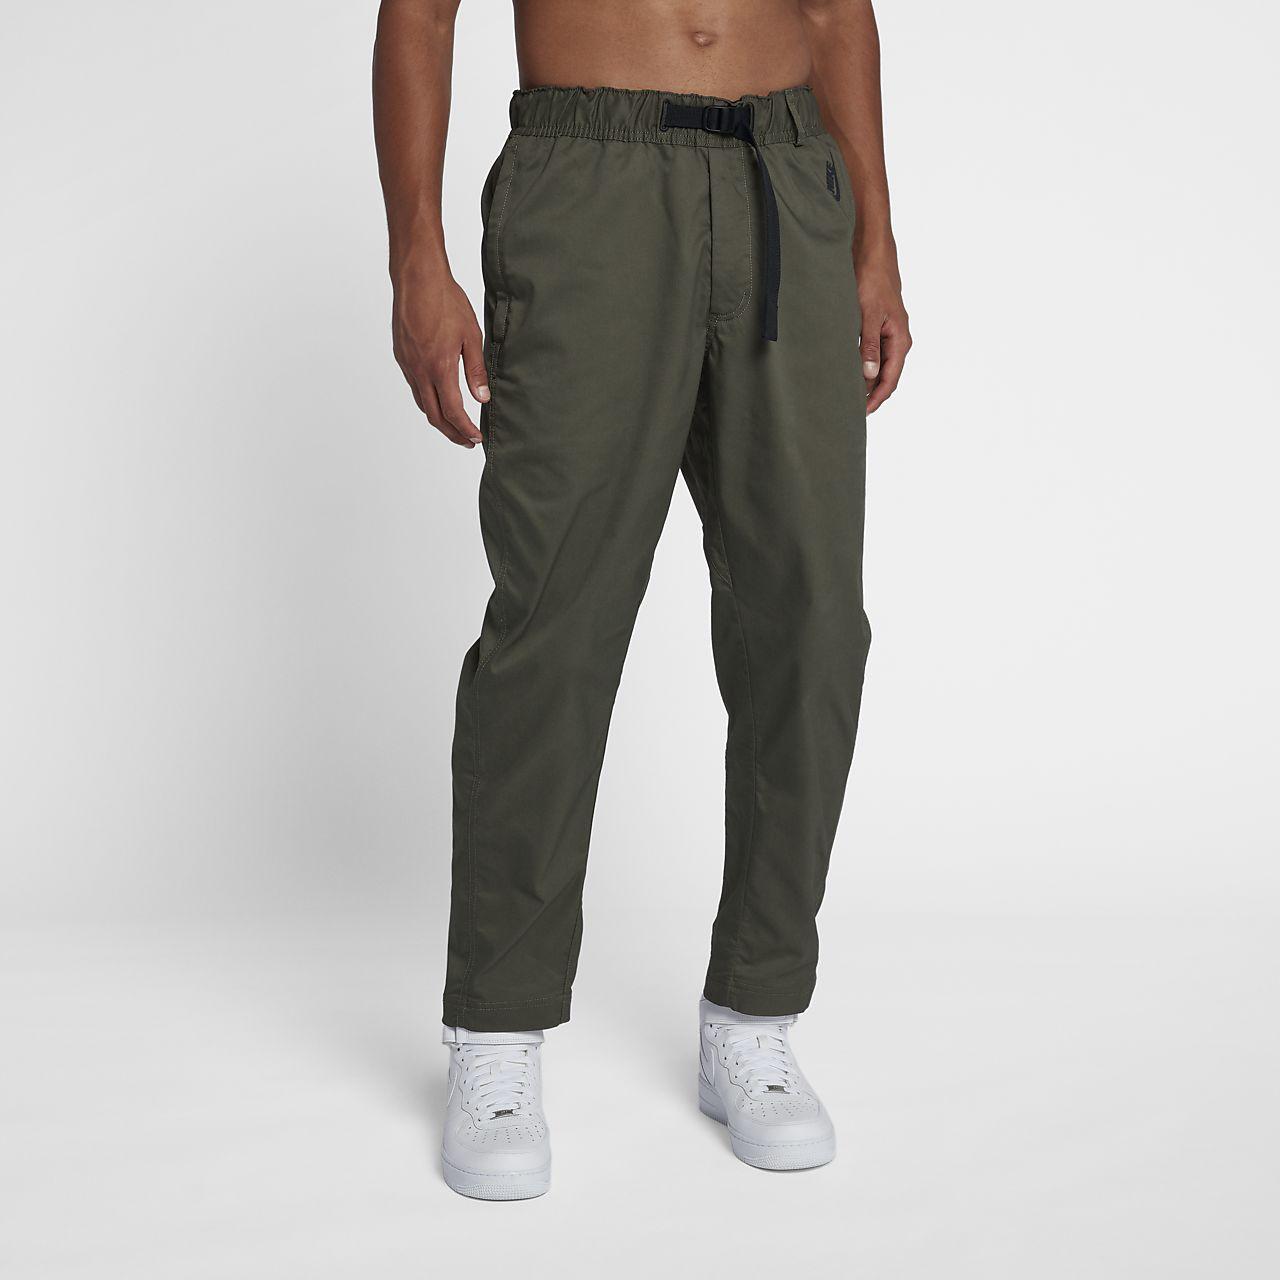 Pantalon tissé NikeLab Collection pour Homme